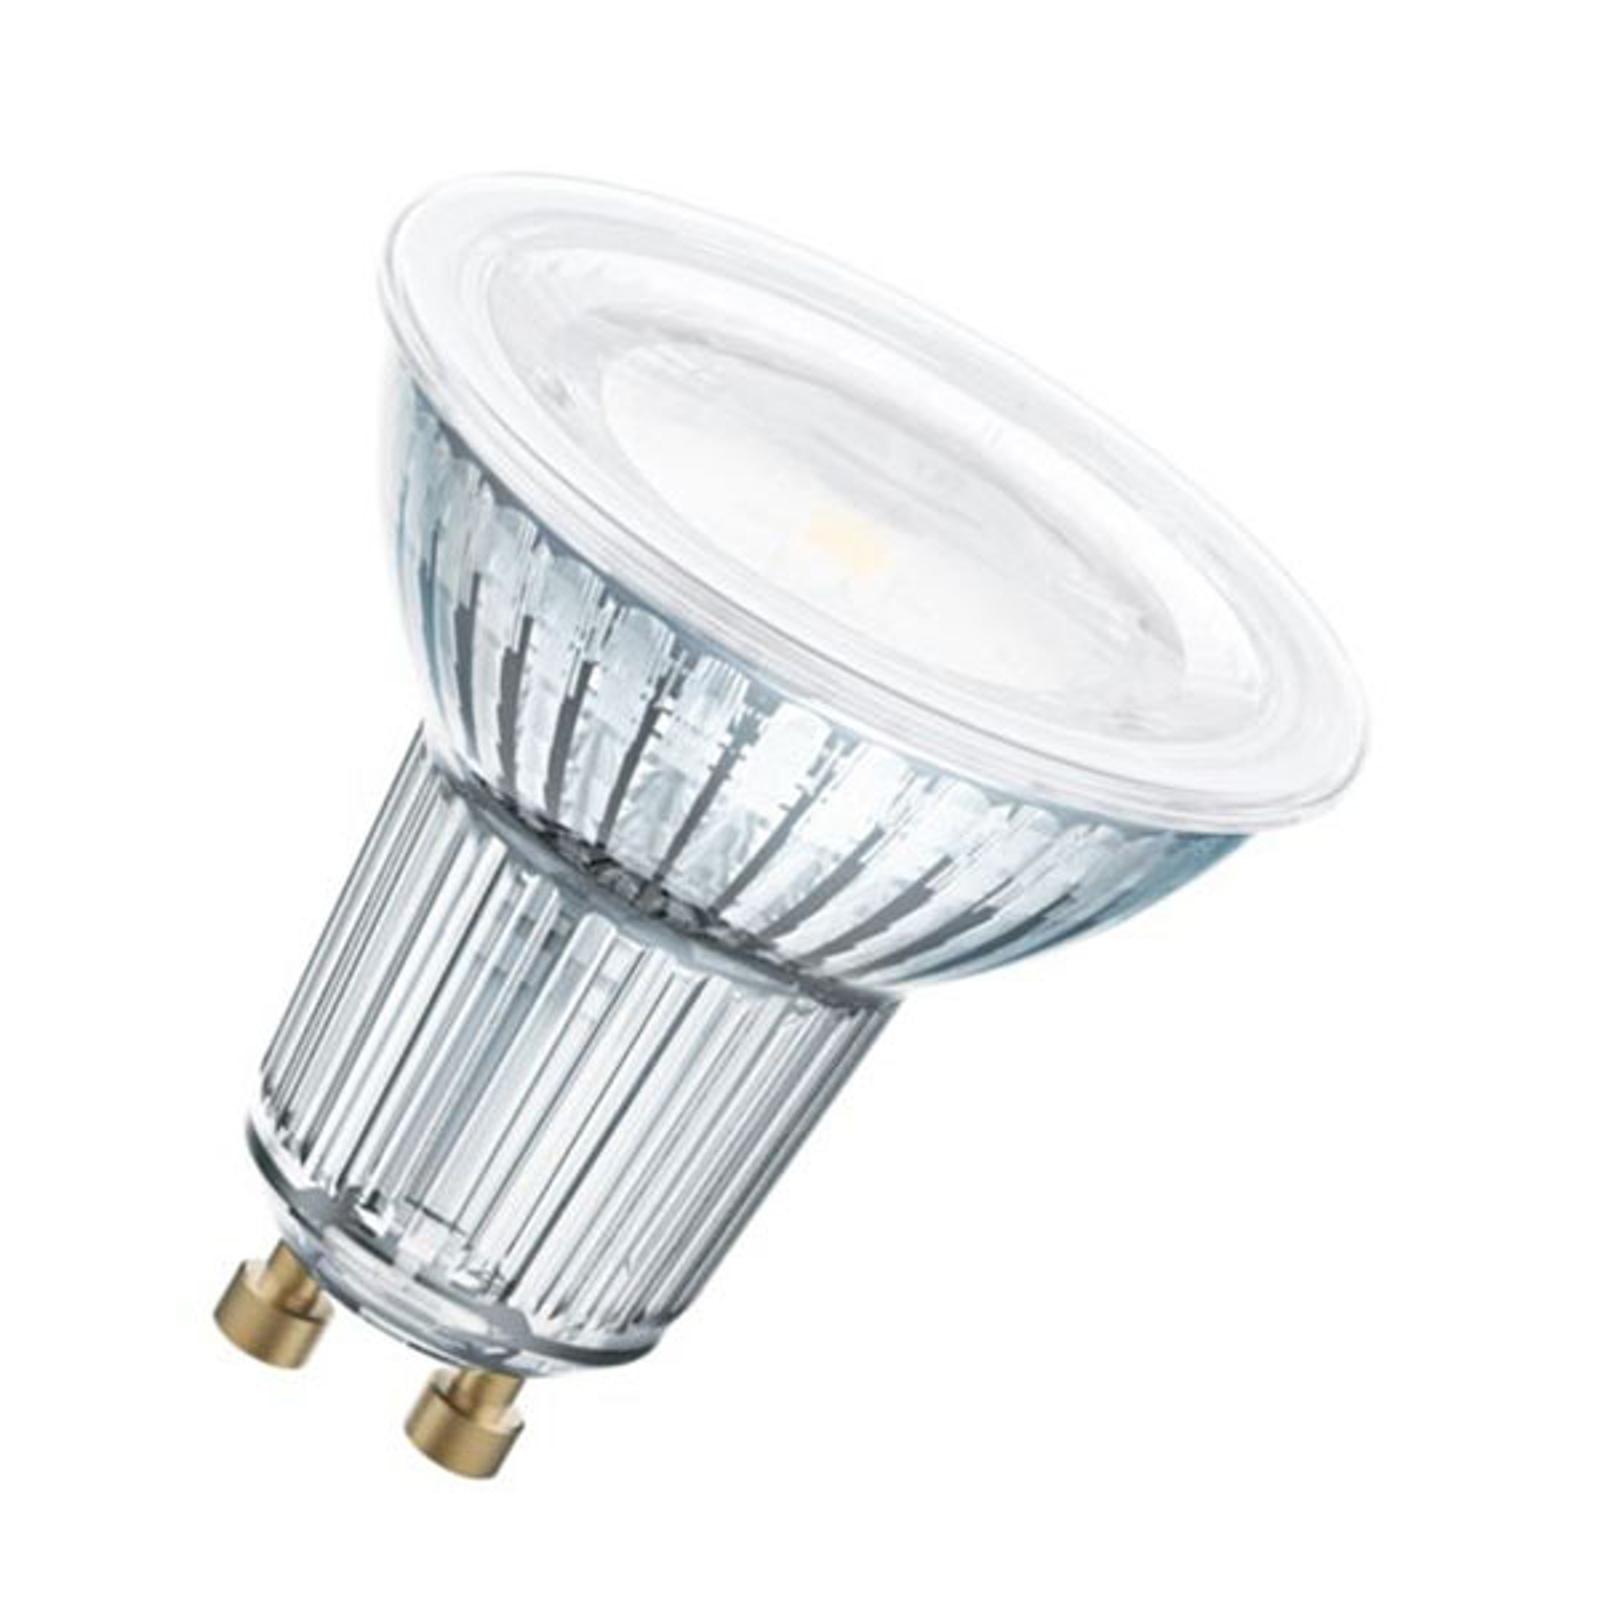 OSRAM LED-Glas-Reflektor GU10 8,3W 927 120° dim